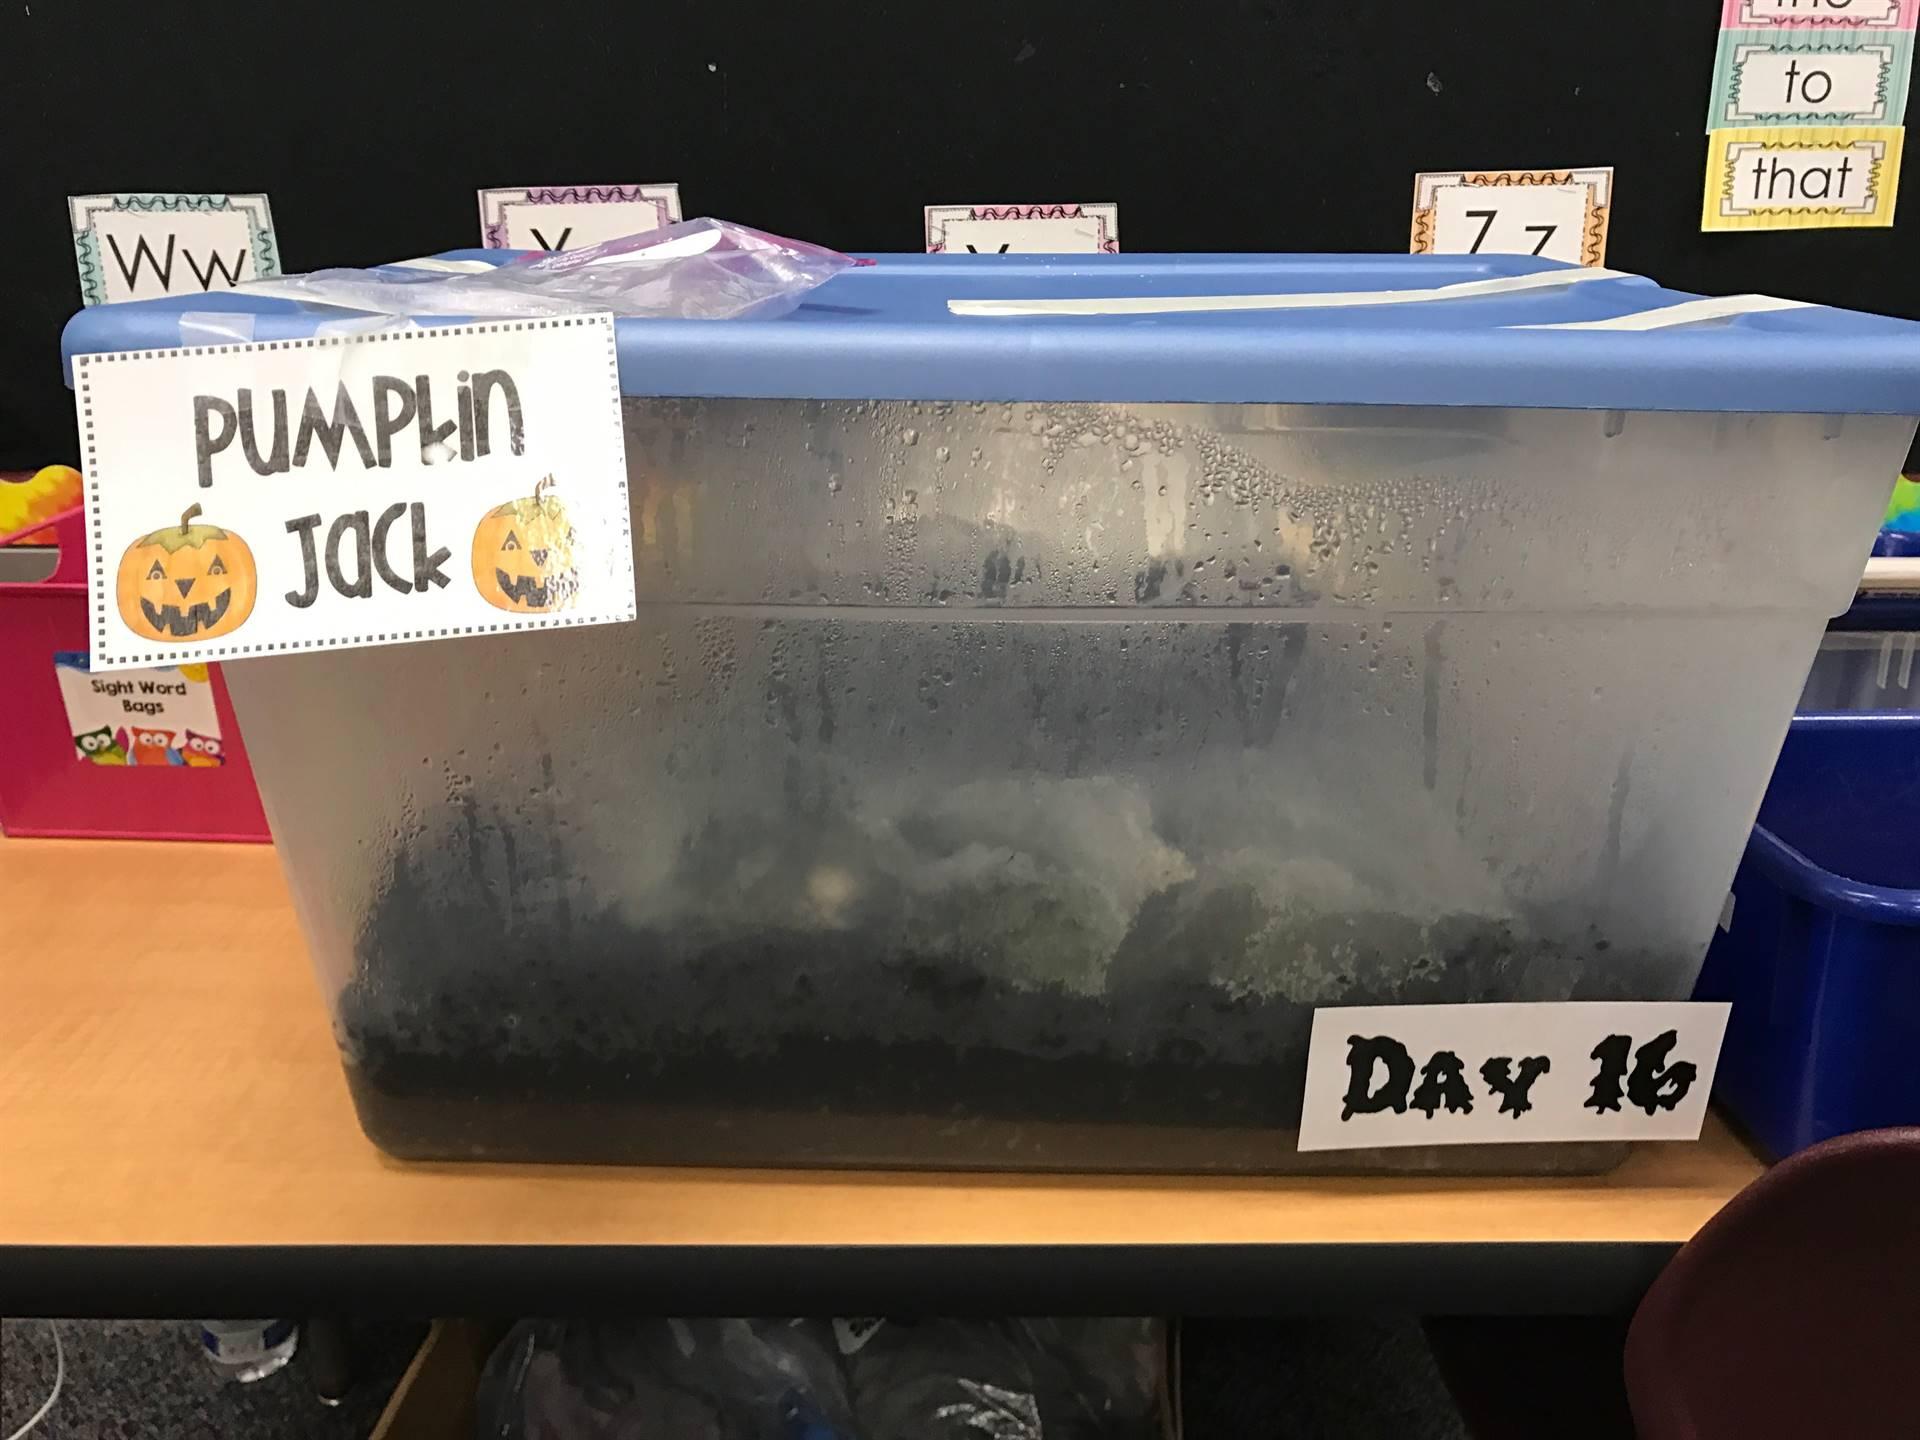 Day 16 Pumpkin Jack